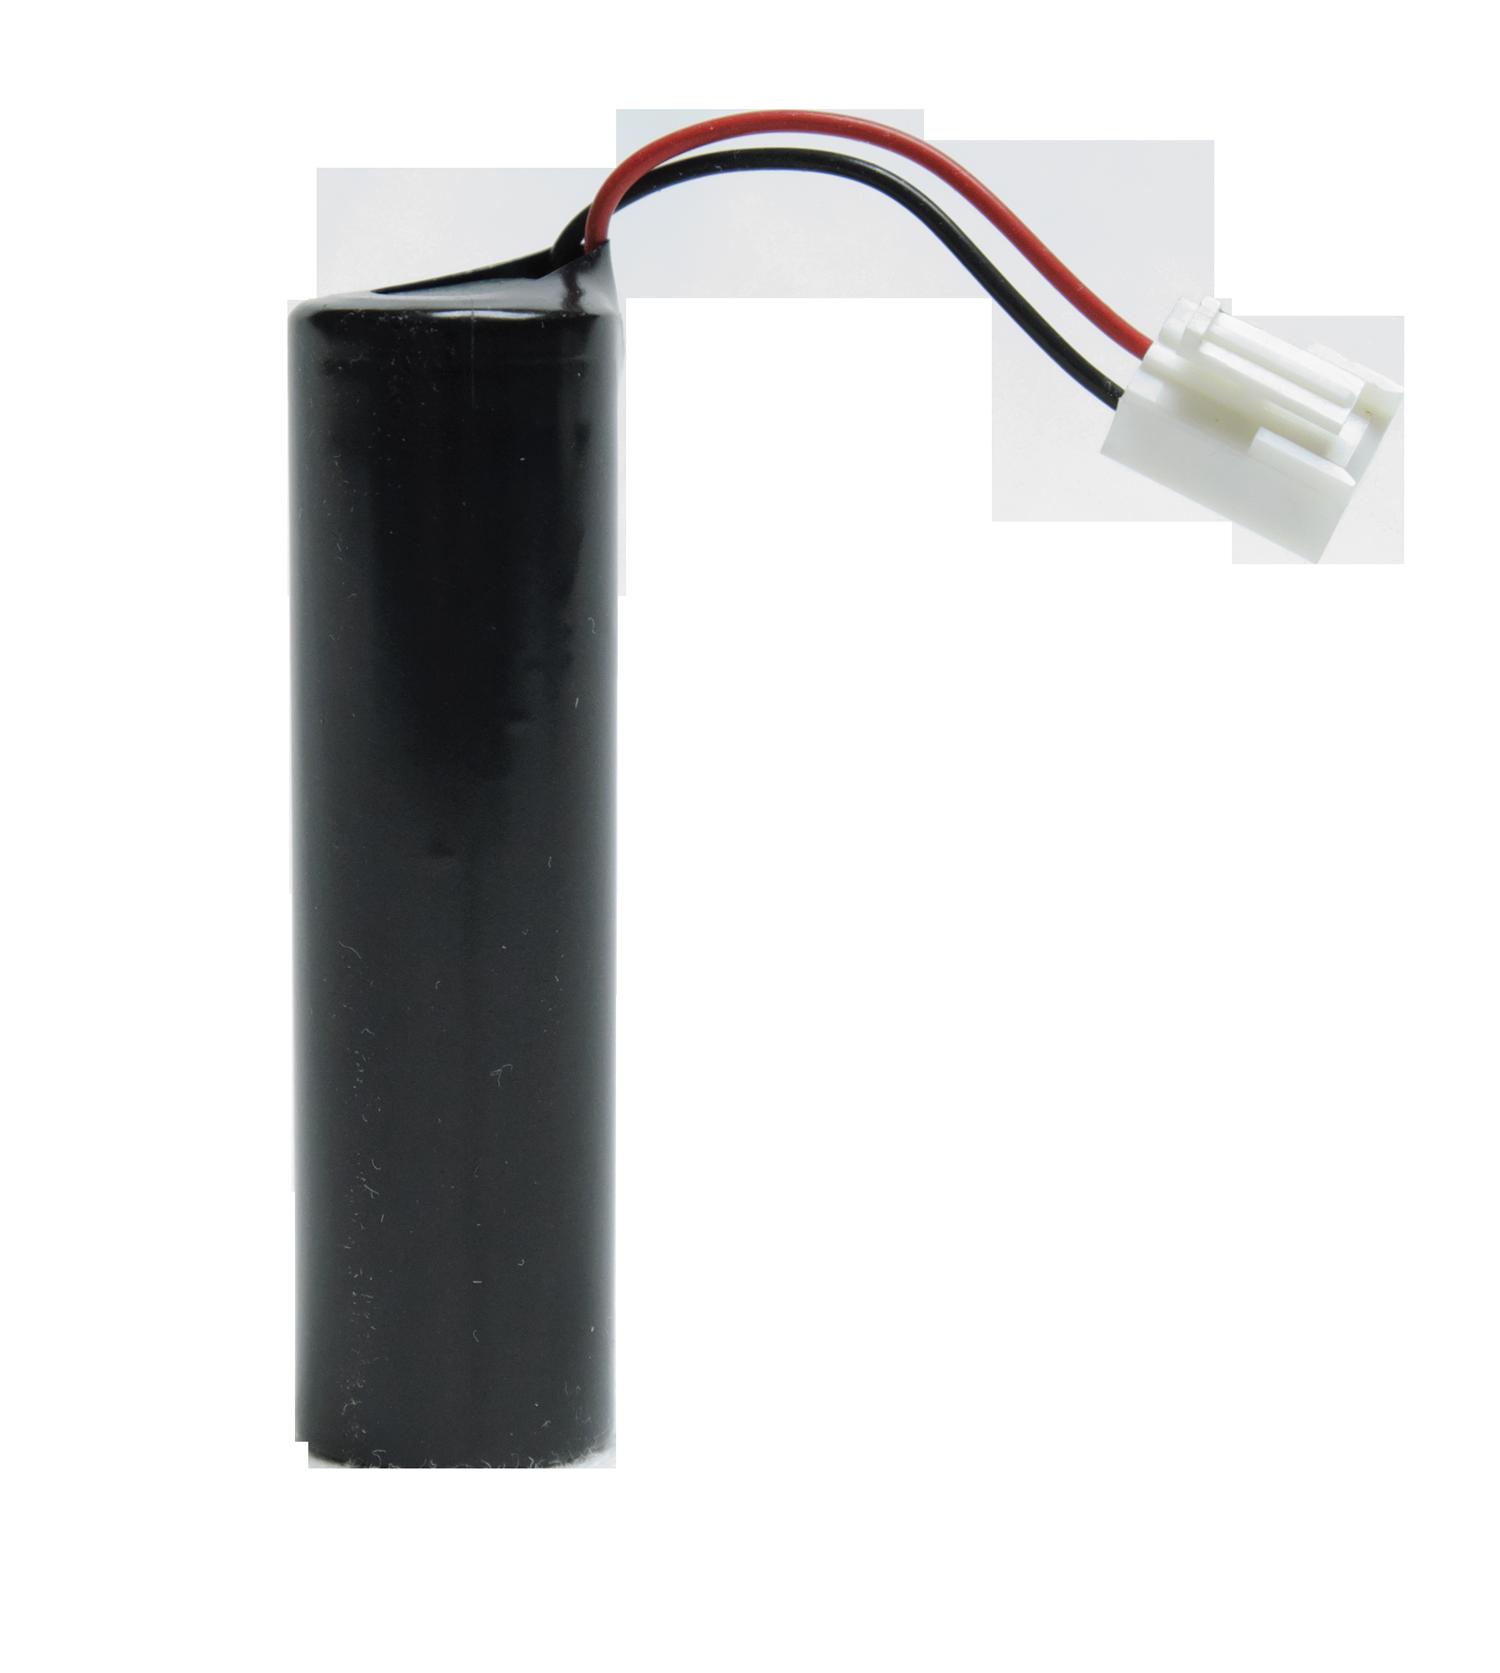 Výroba náhradní bateriových packů - nouzové osvětlení apod.